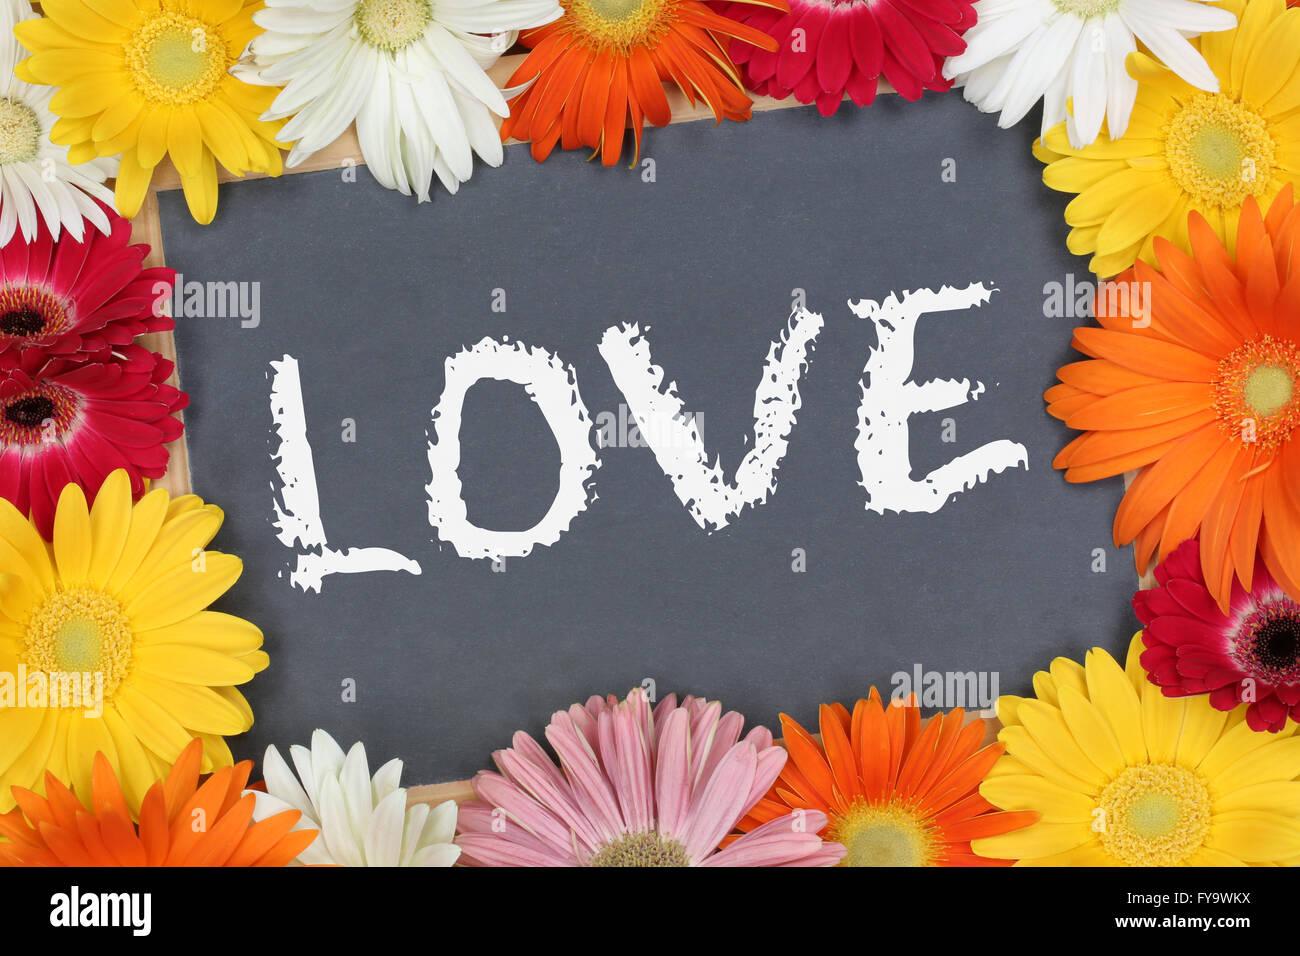 Liebevolle Grußkarten-Garten mit bunten Blumen Blüte Board Zeichen Liebe Stockbild